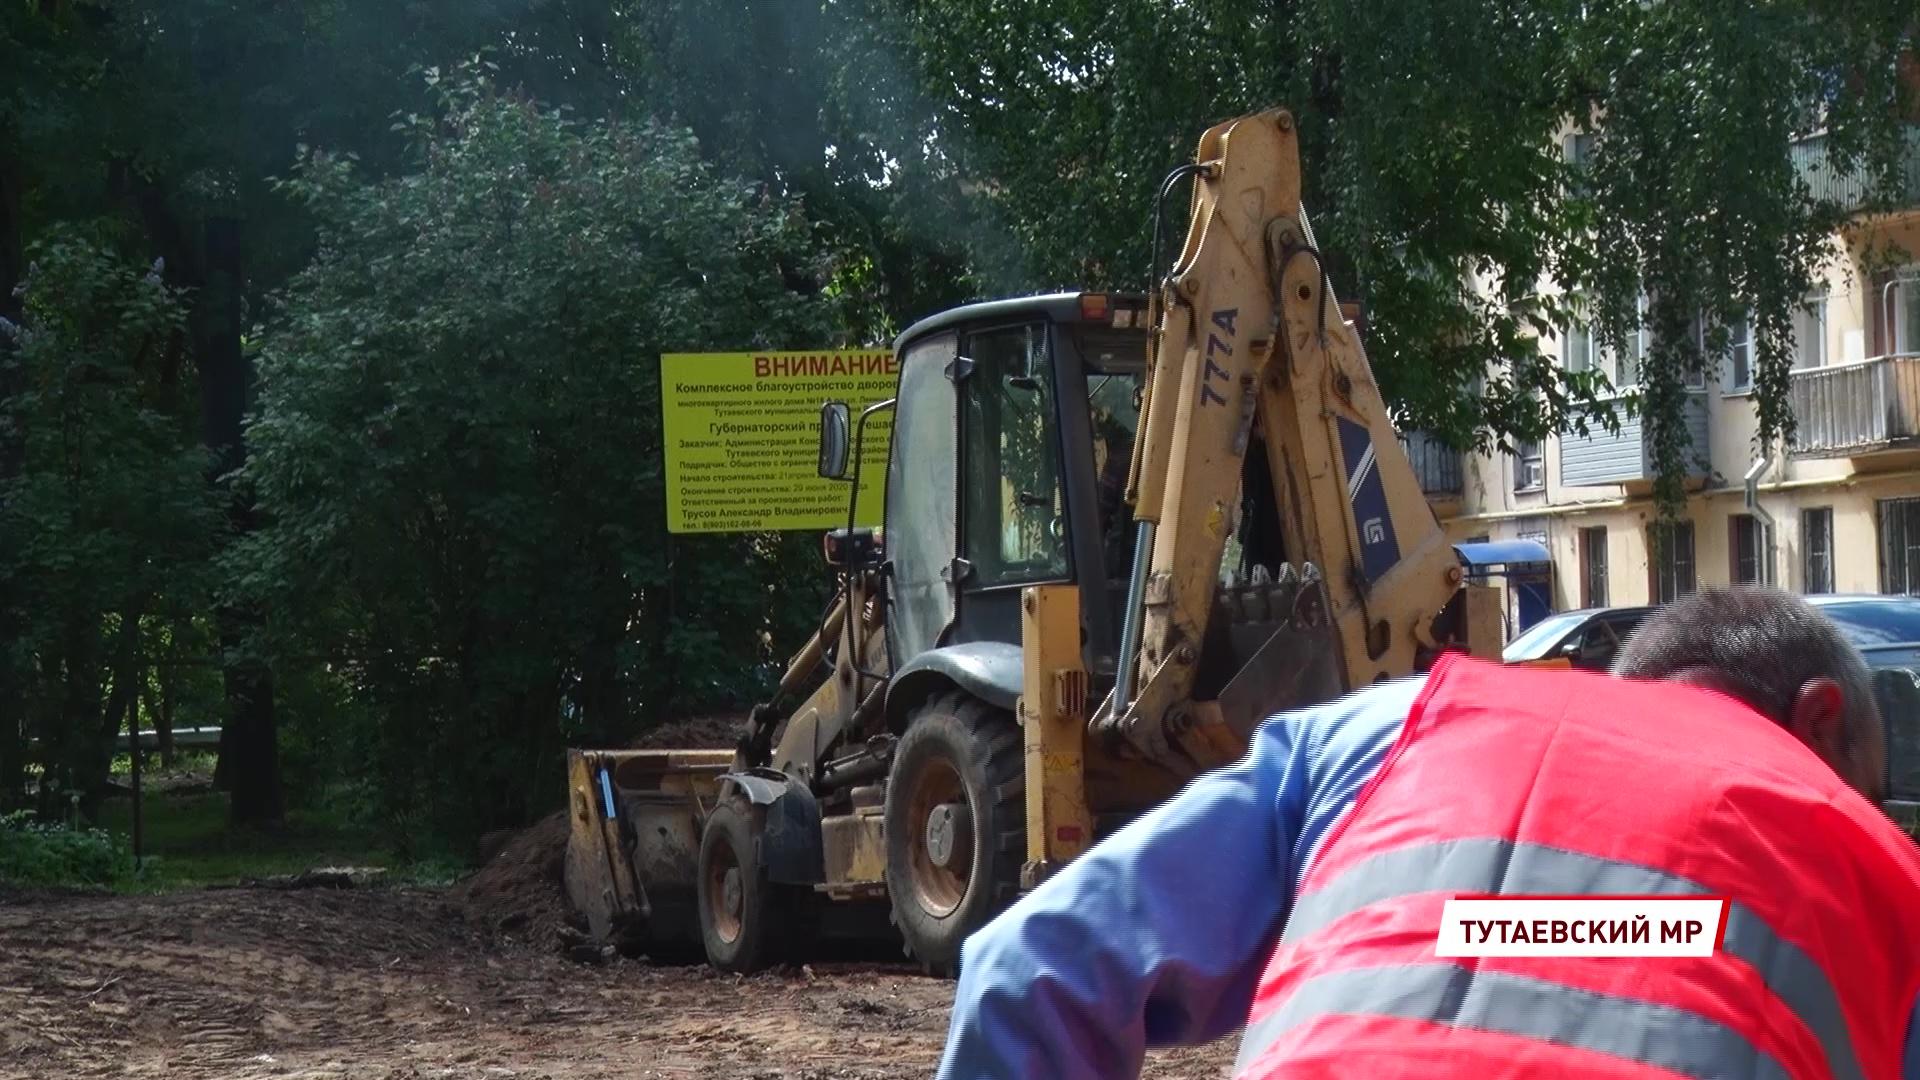 Четвертый год благоустройства: ярославцы выберут новые территории для проекта «Решаем вместе!»